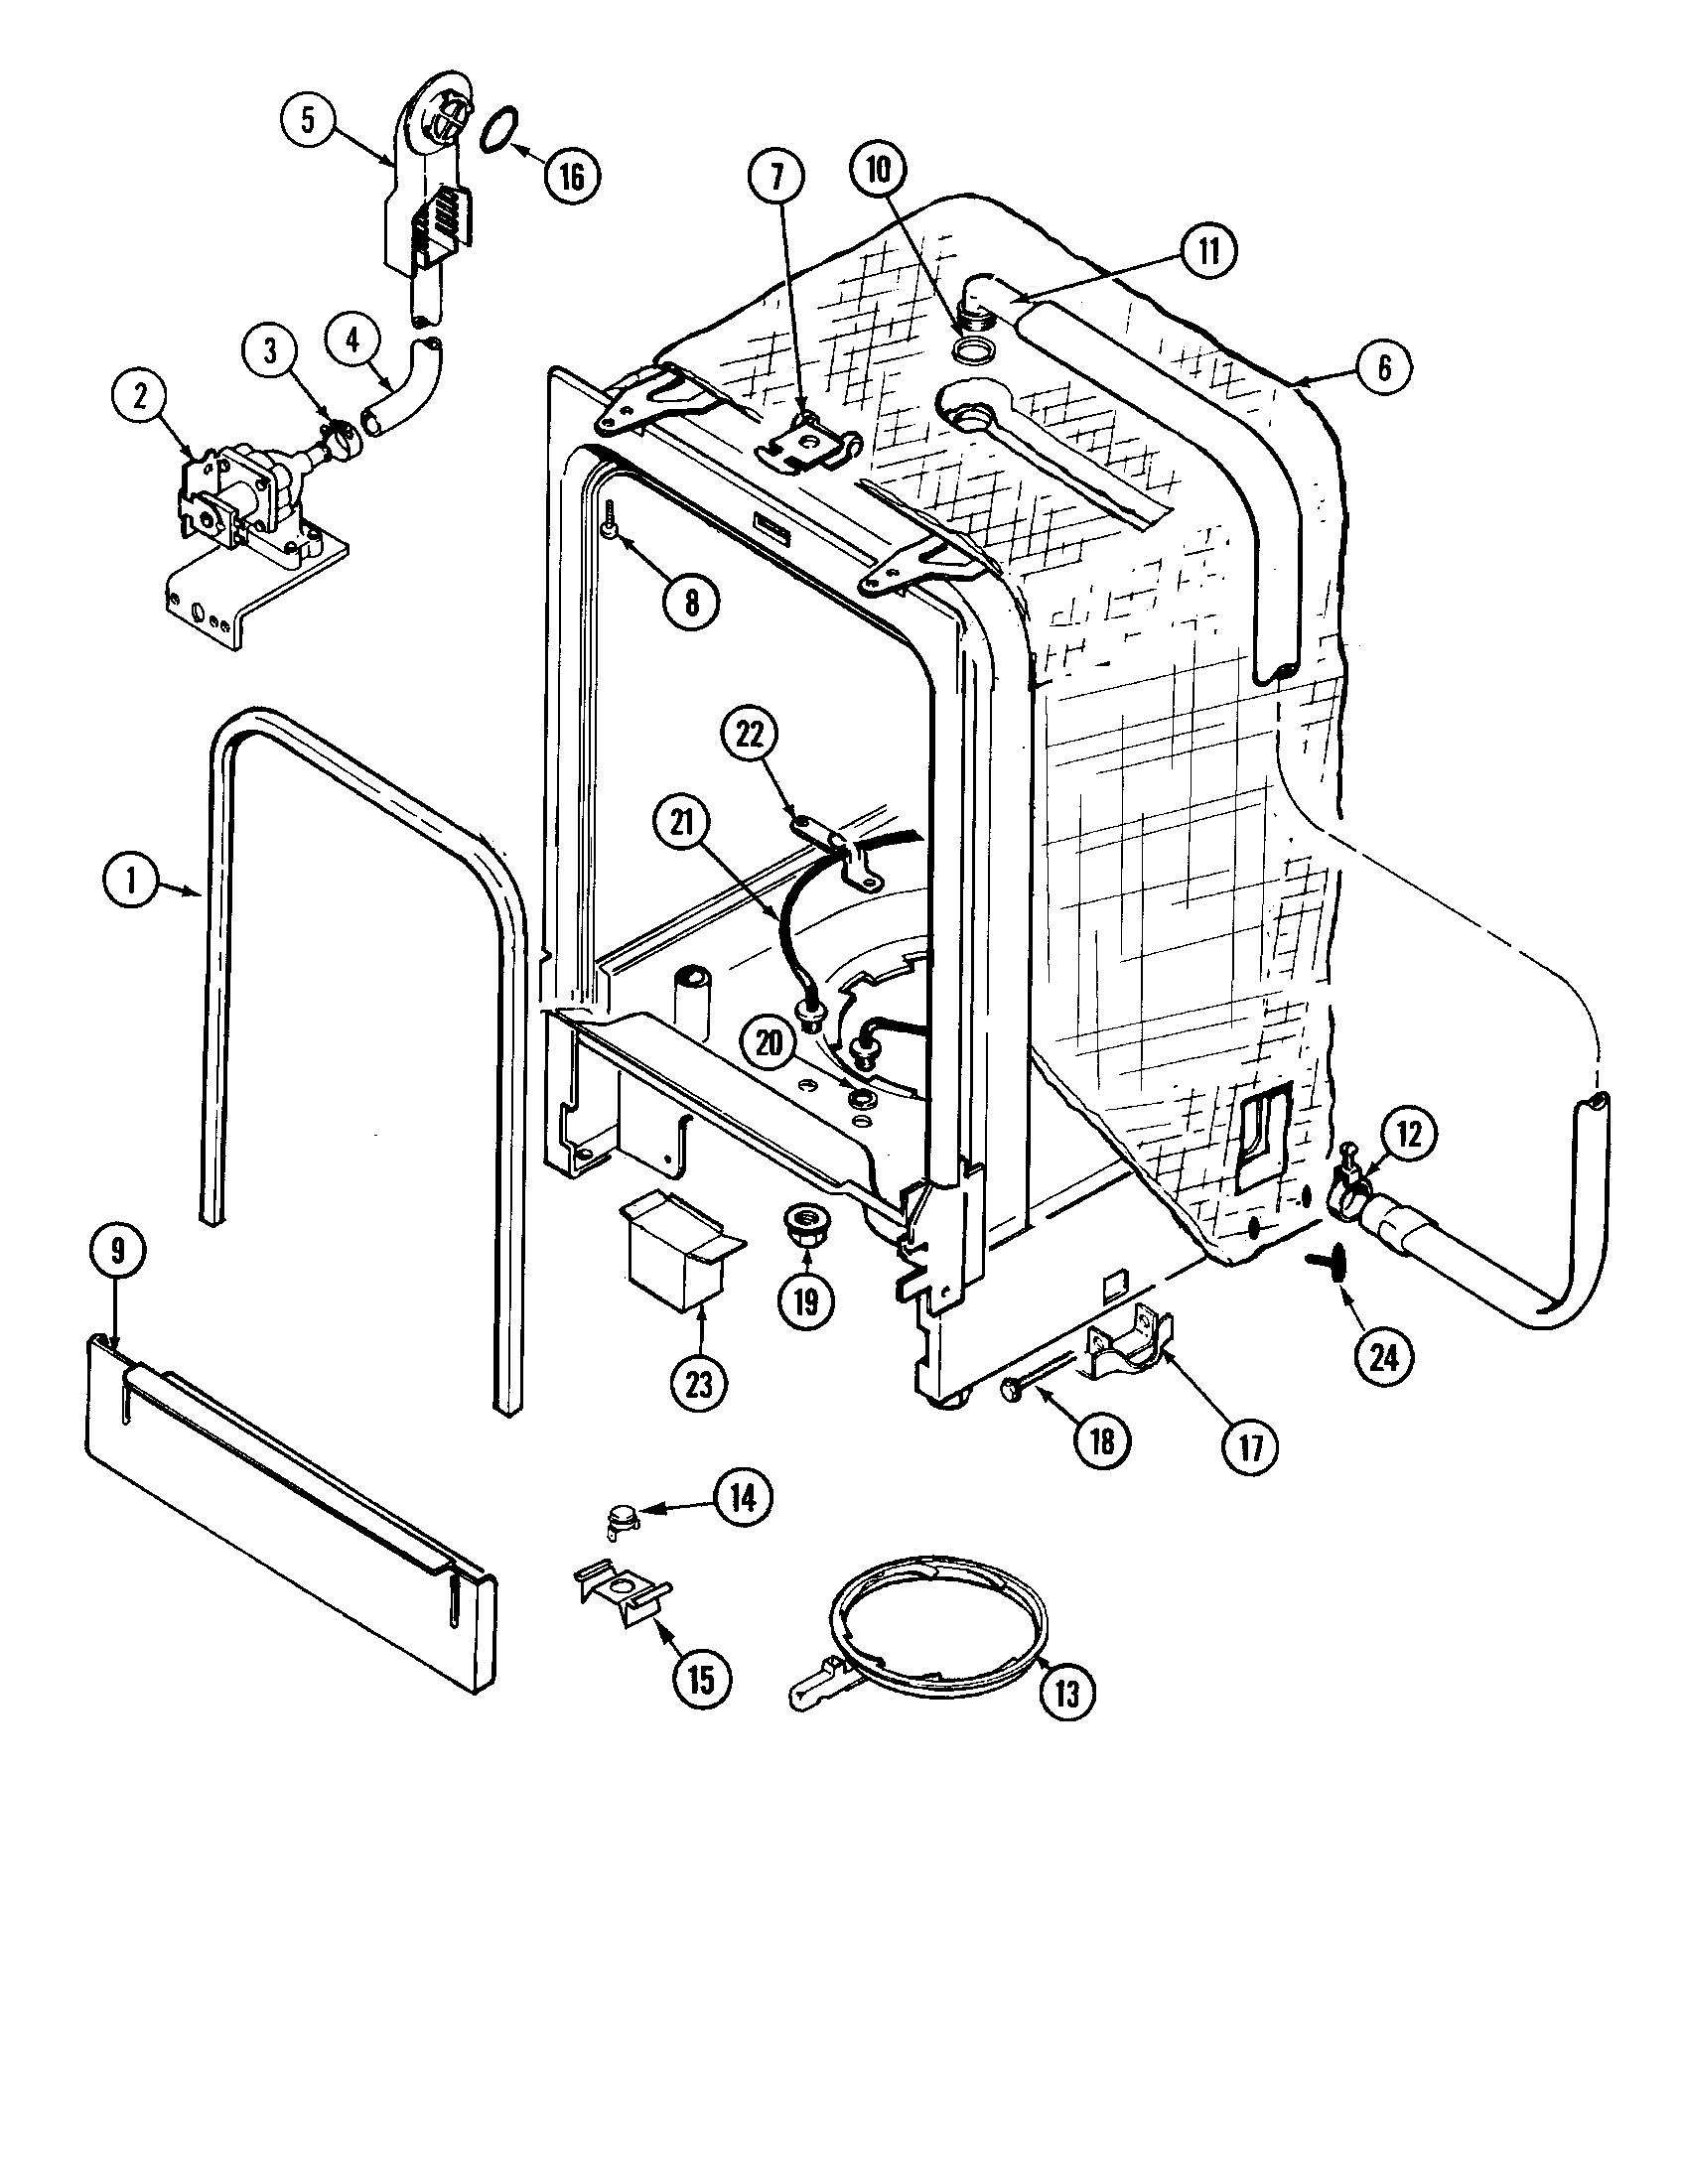 Maytag model DWC7602AAE dishwasher genuine parts